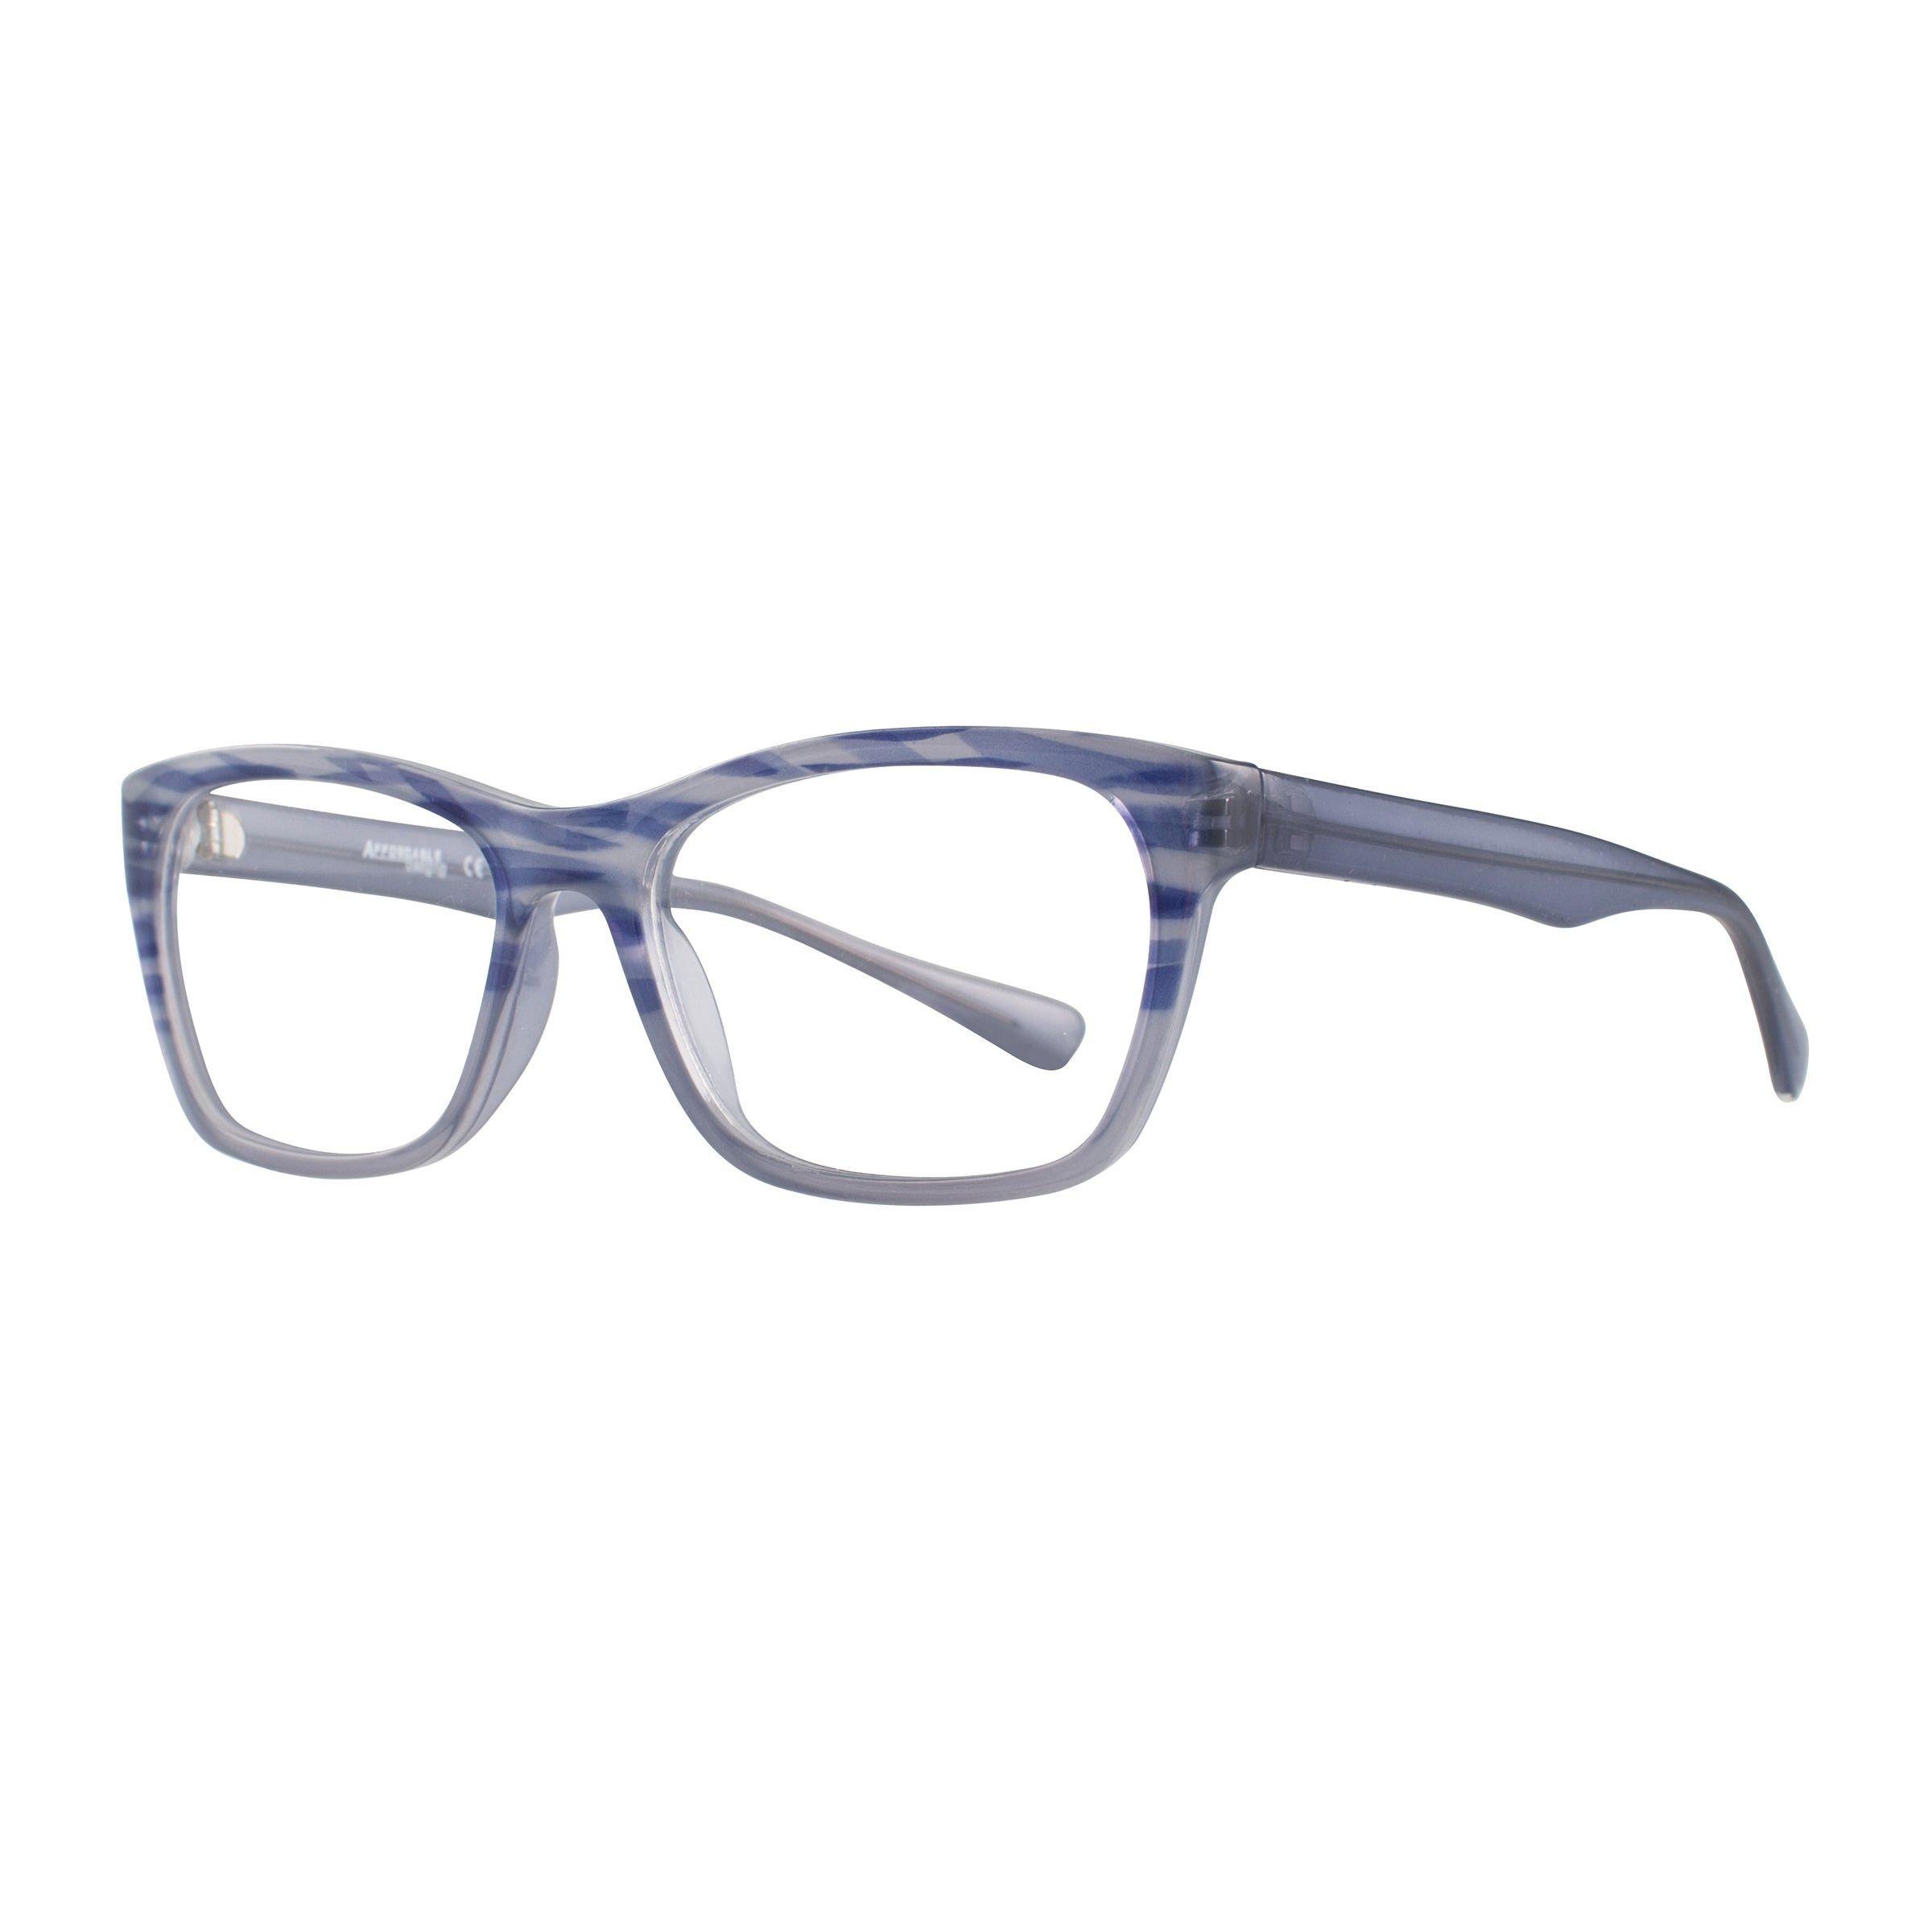 00ef5566191c Affordable Designs Alice Eyeglasses